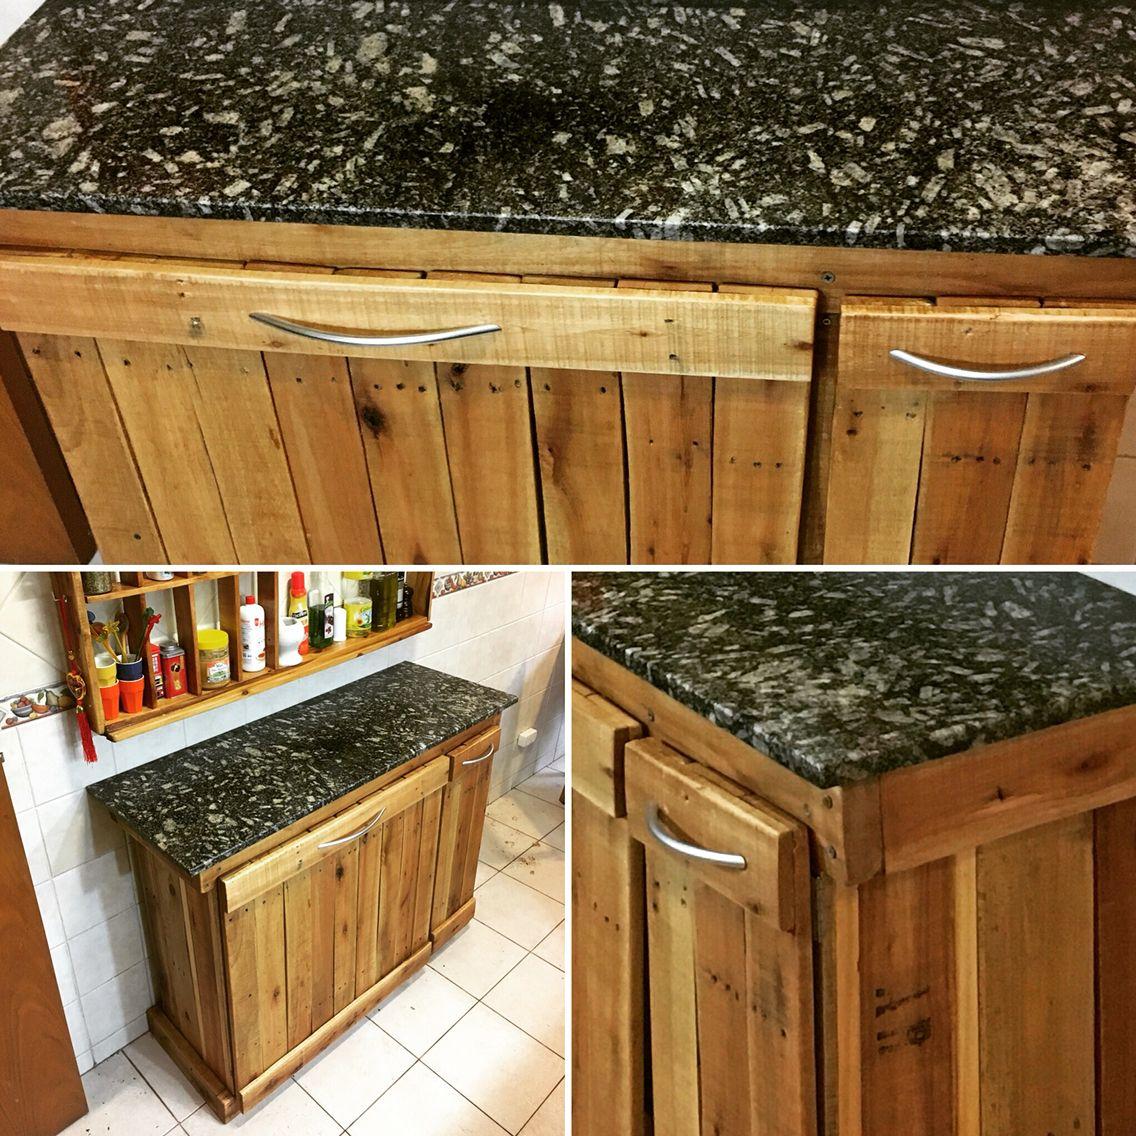 Isla de cocina a base de madera de palet con puertas - Tarima para cocina ...